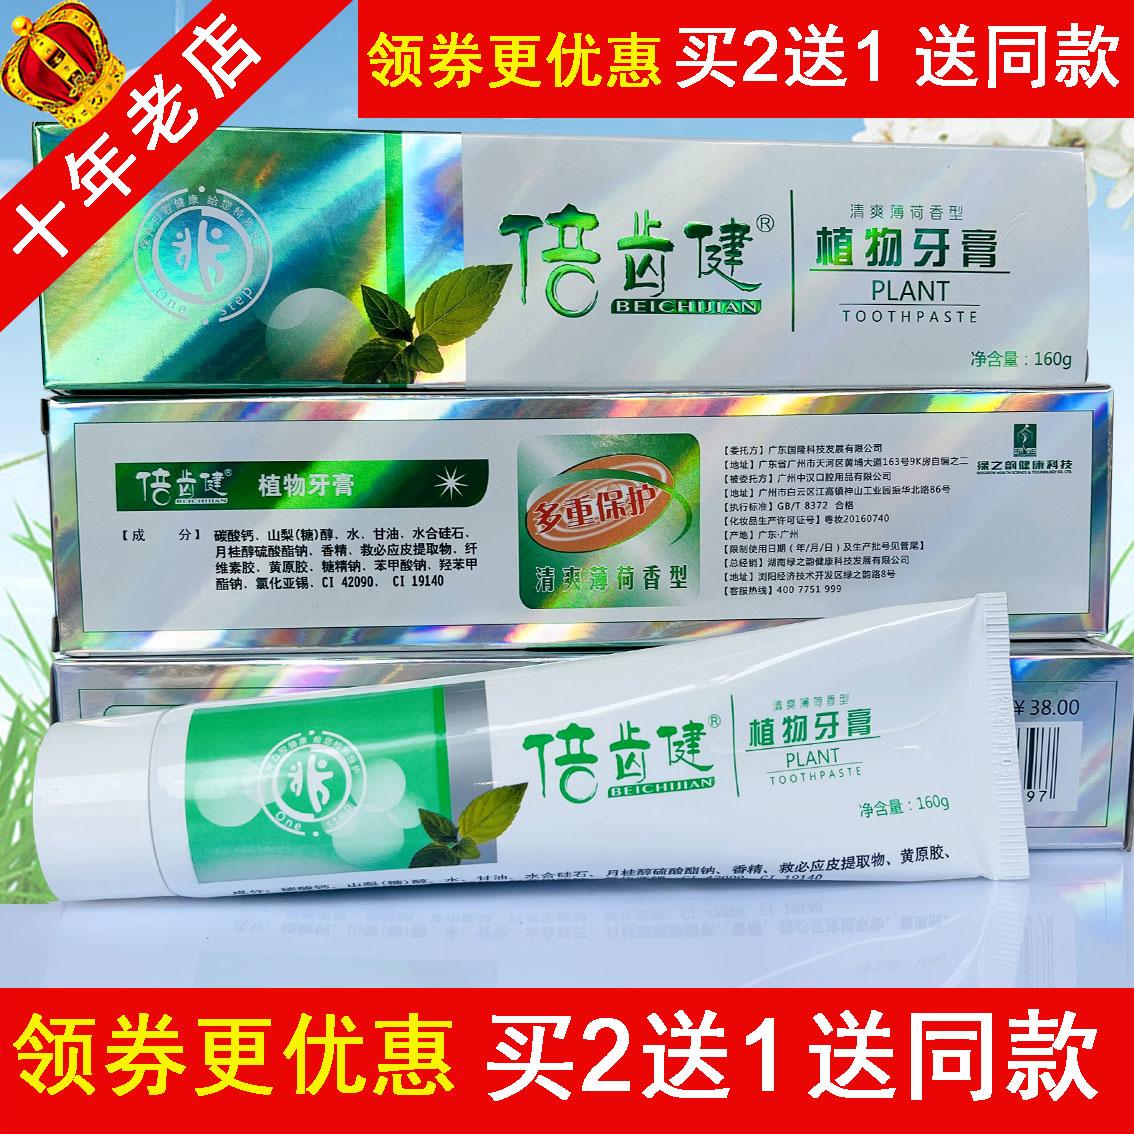 Детская зубная паста Артикул 3186484798